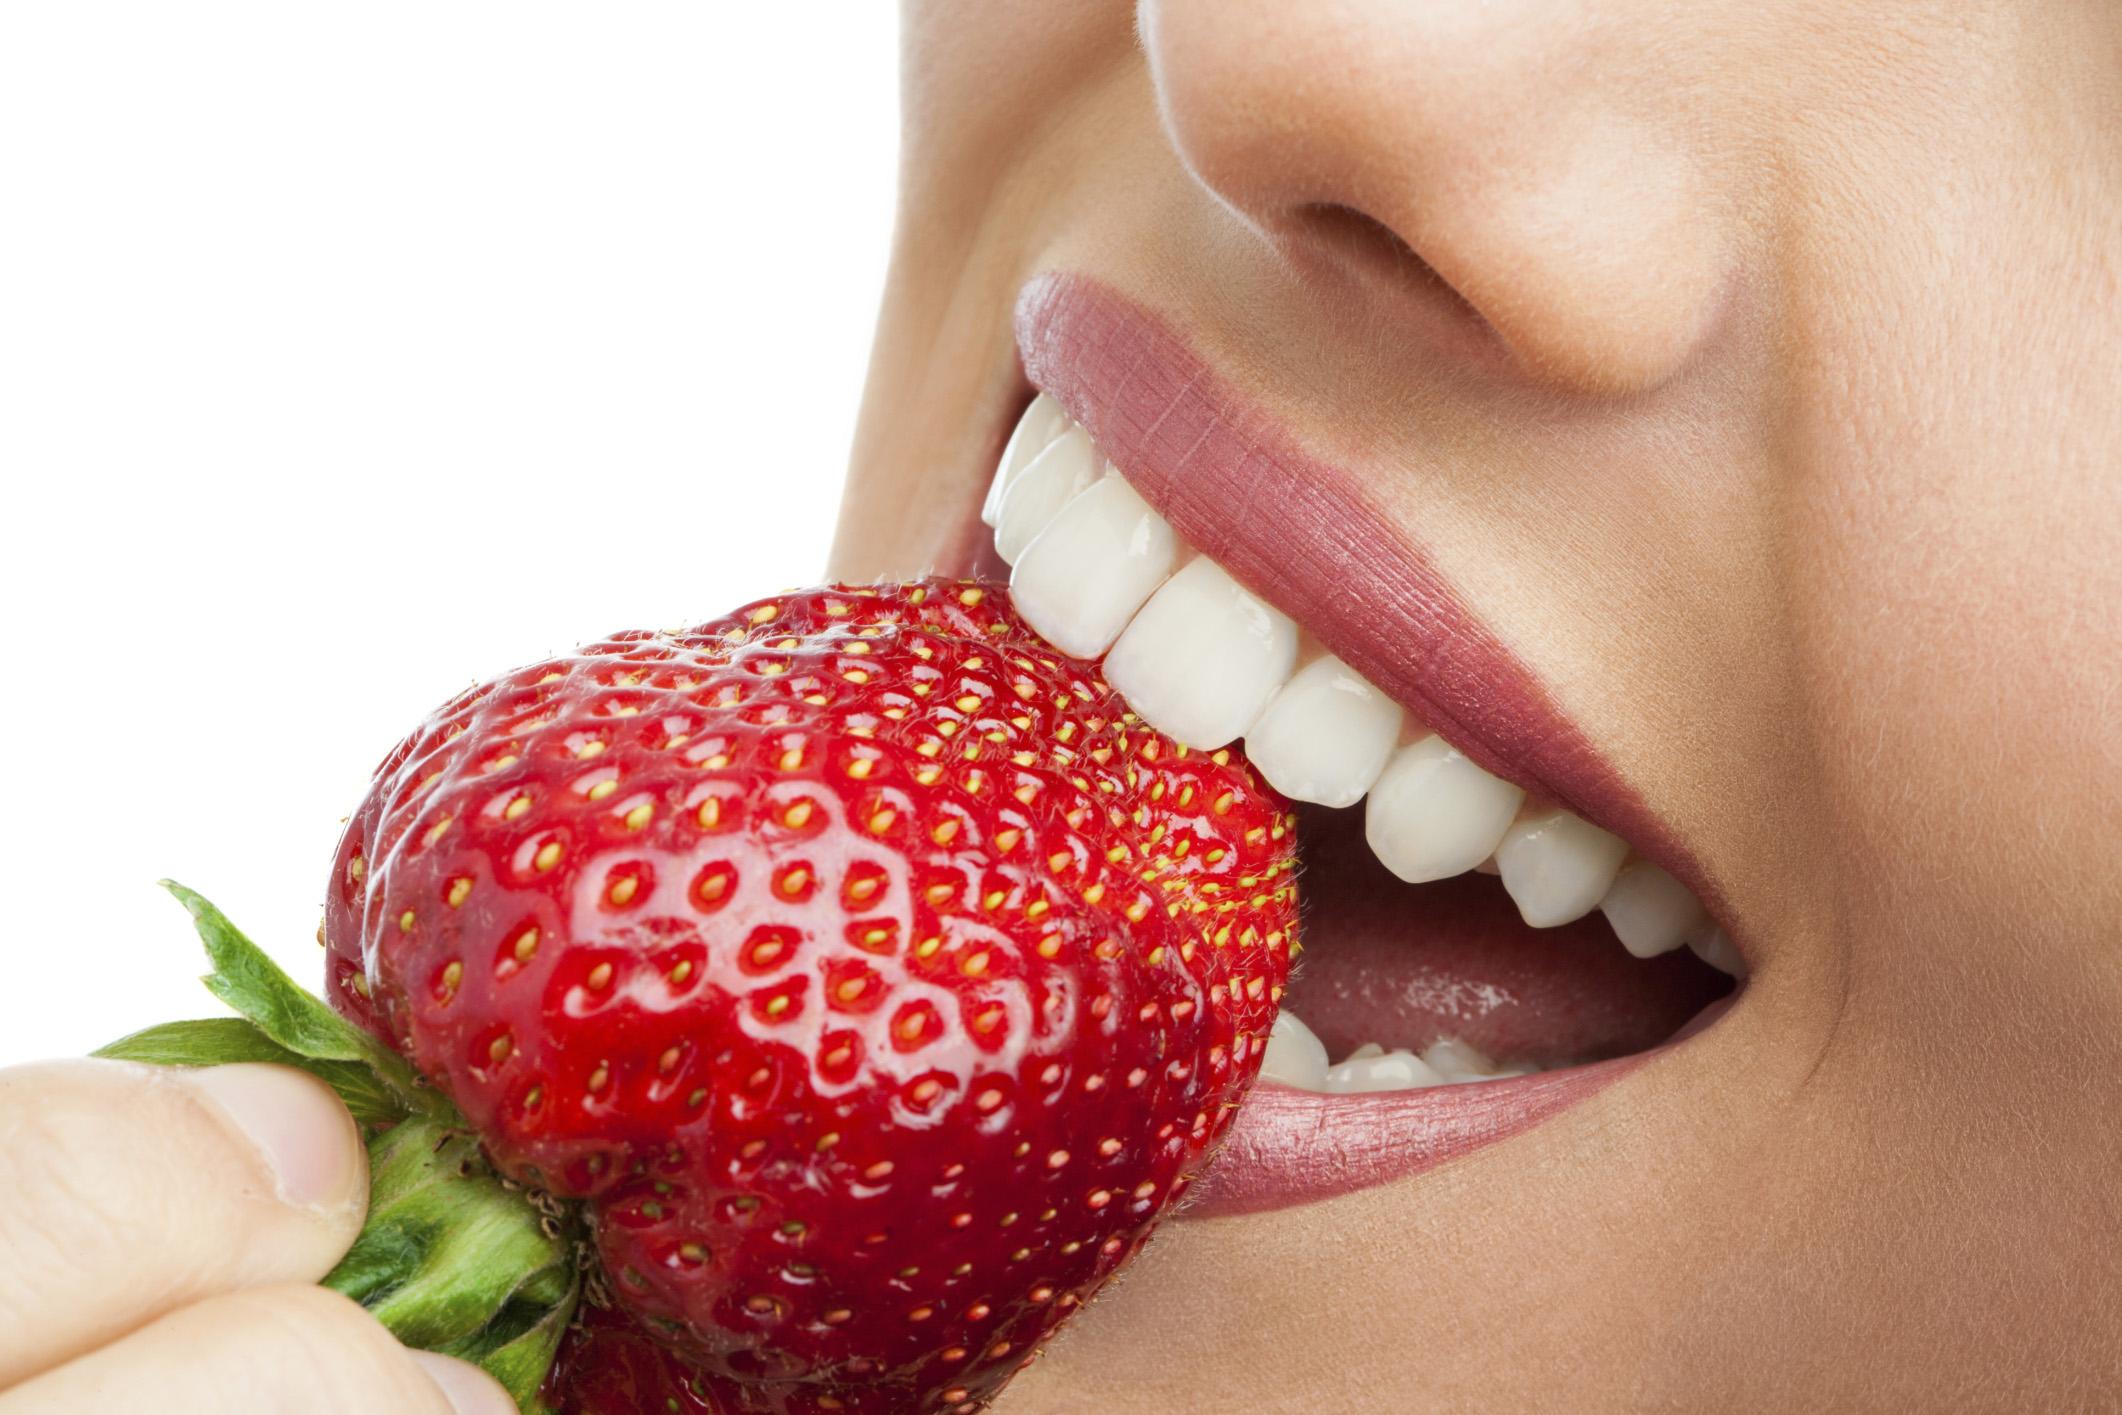 Mách bạn 5 cách tẩy trắng răng hiệu quả tại nhà